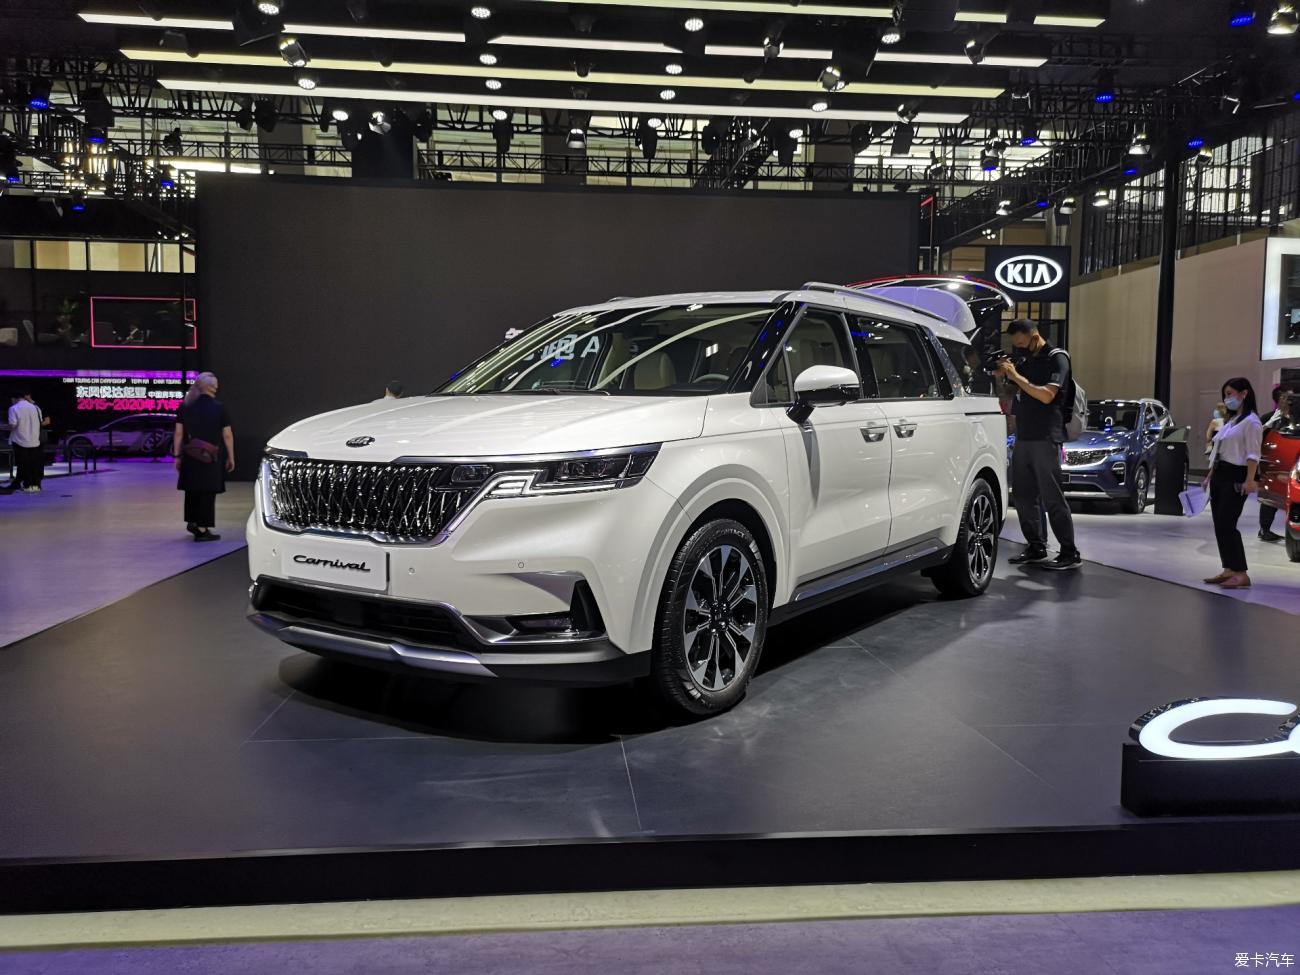 【2020广州车展】韩系最强保姆车 全新起亚Carnival